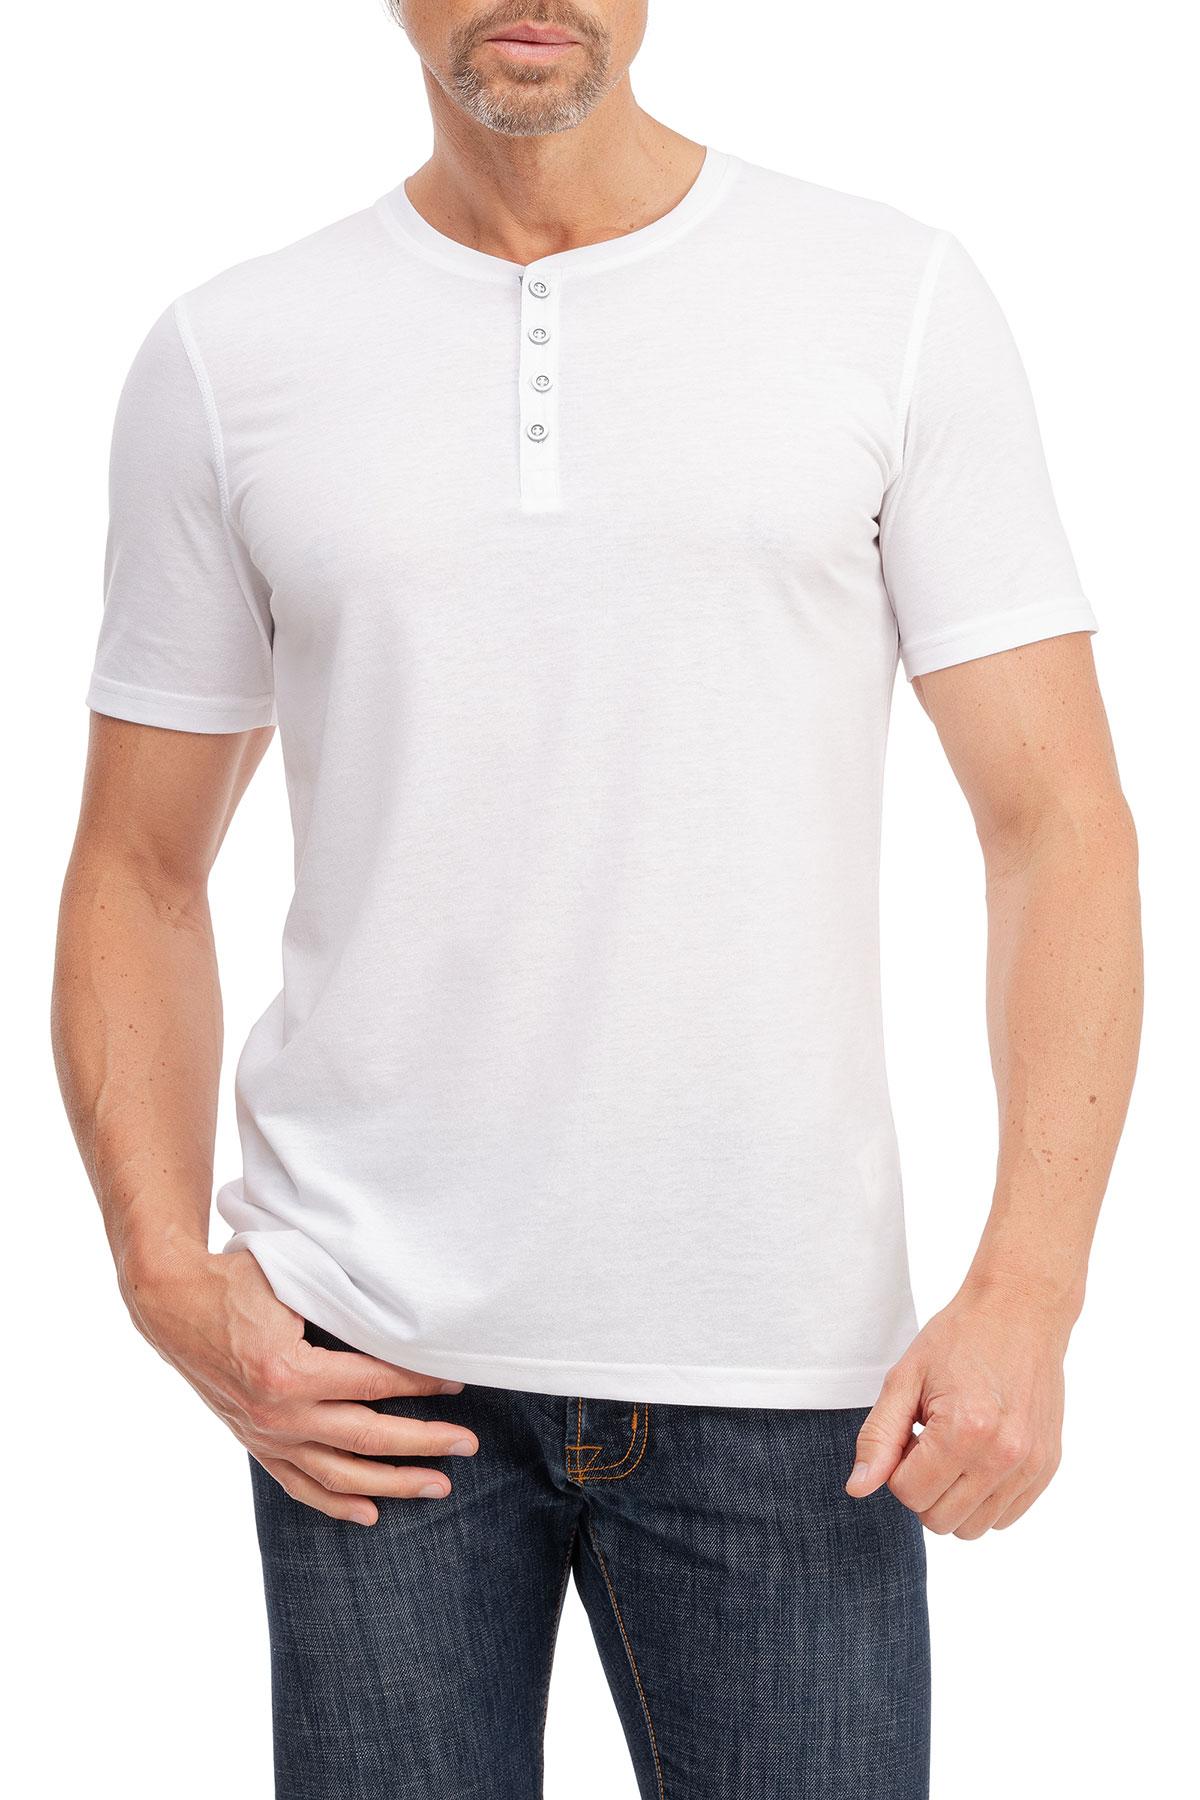 Herren kurzarm T-Shirt mit Knopfleiste Henley